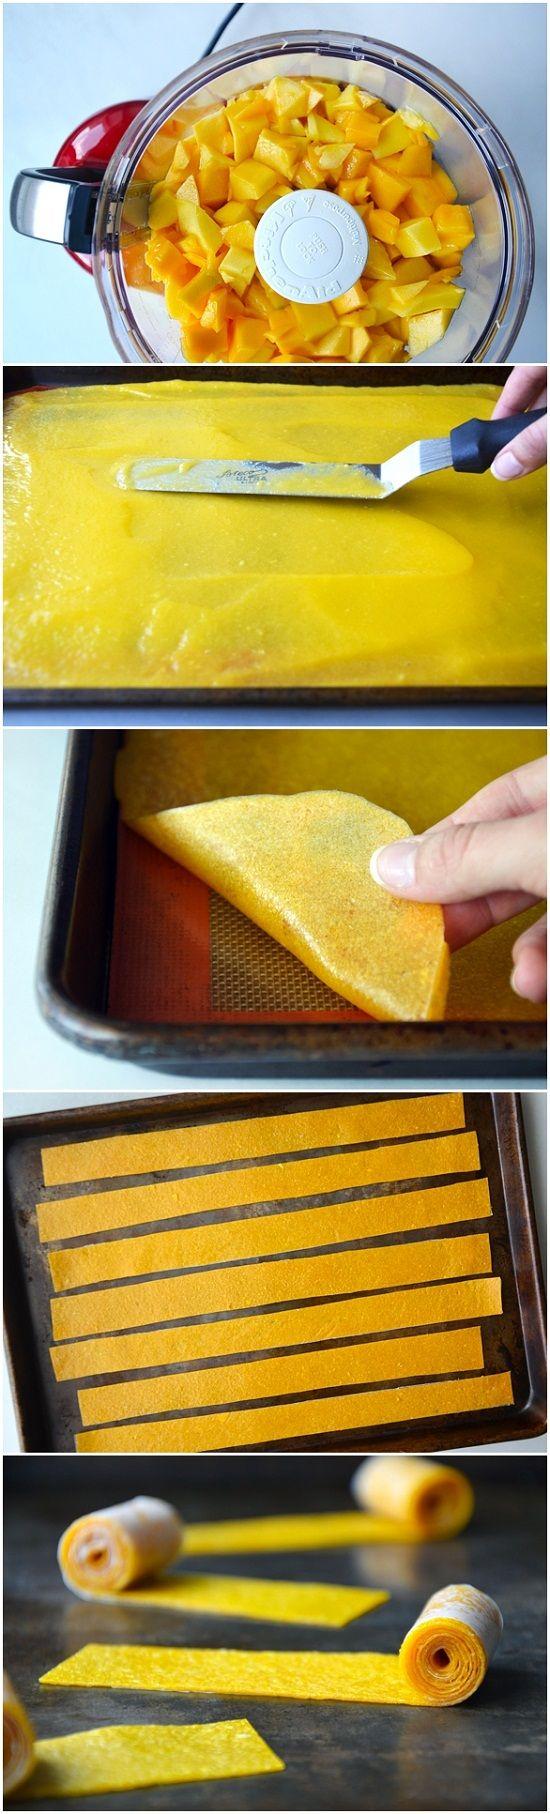 how to make mango puree at home